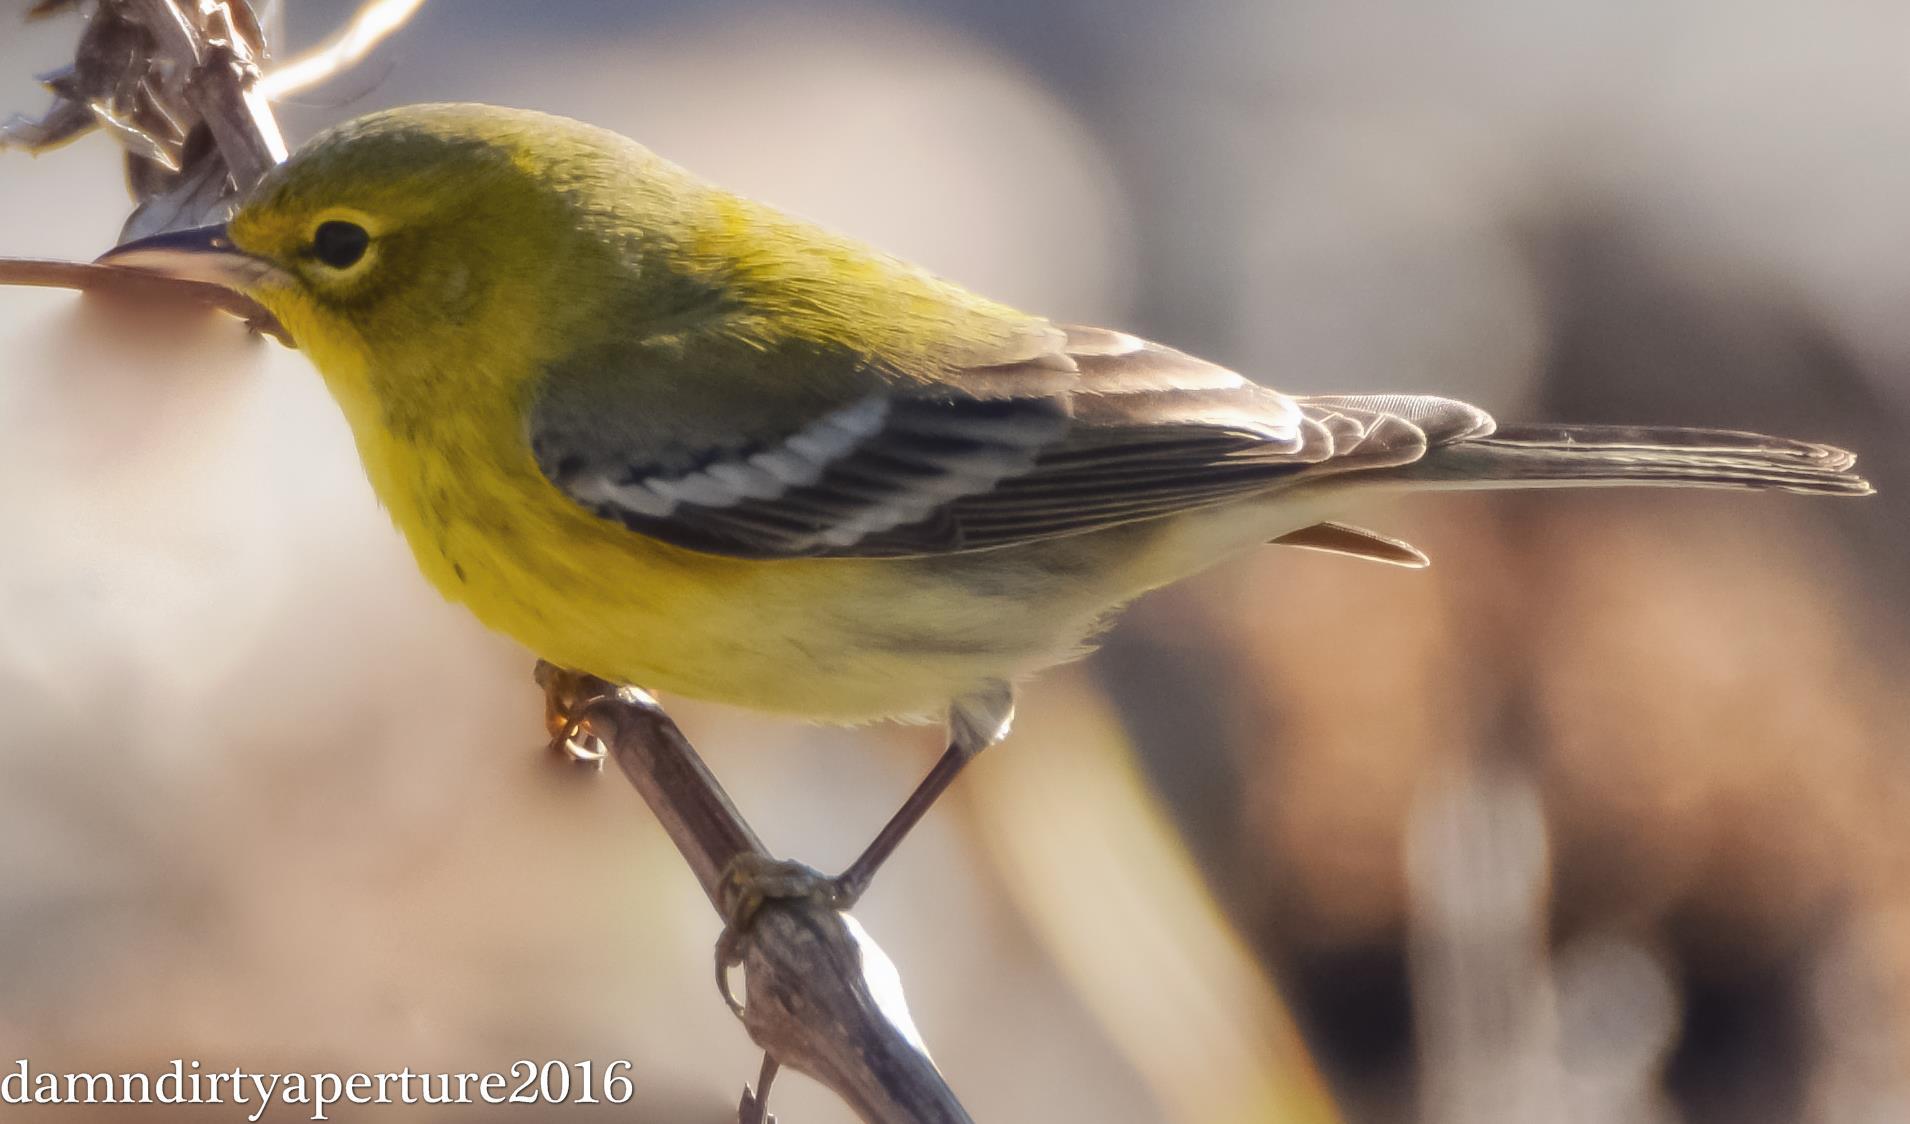 pine-warbler-ceragno-11-16-16